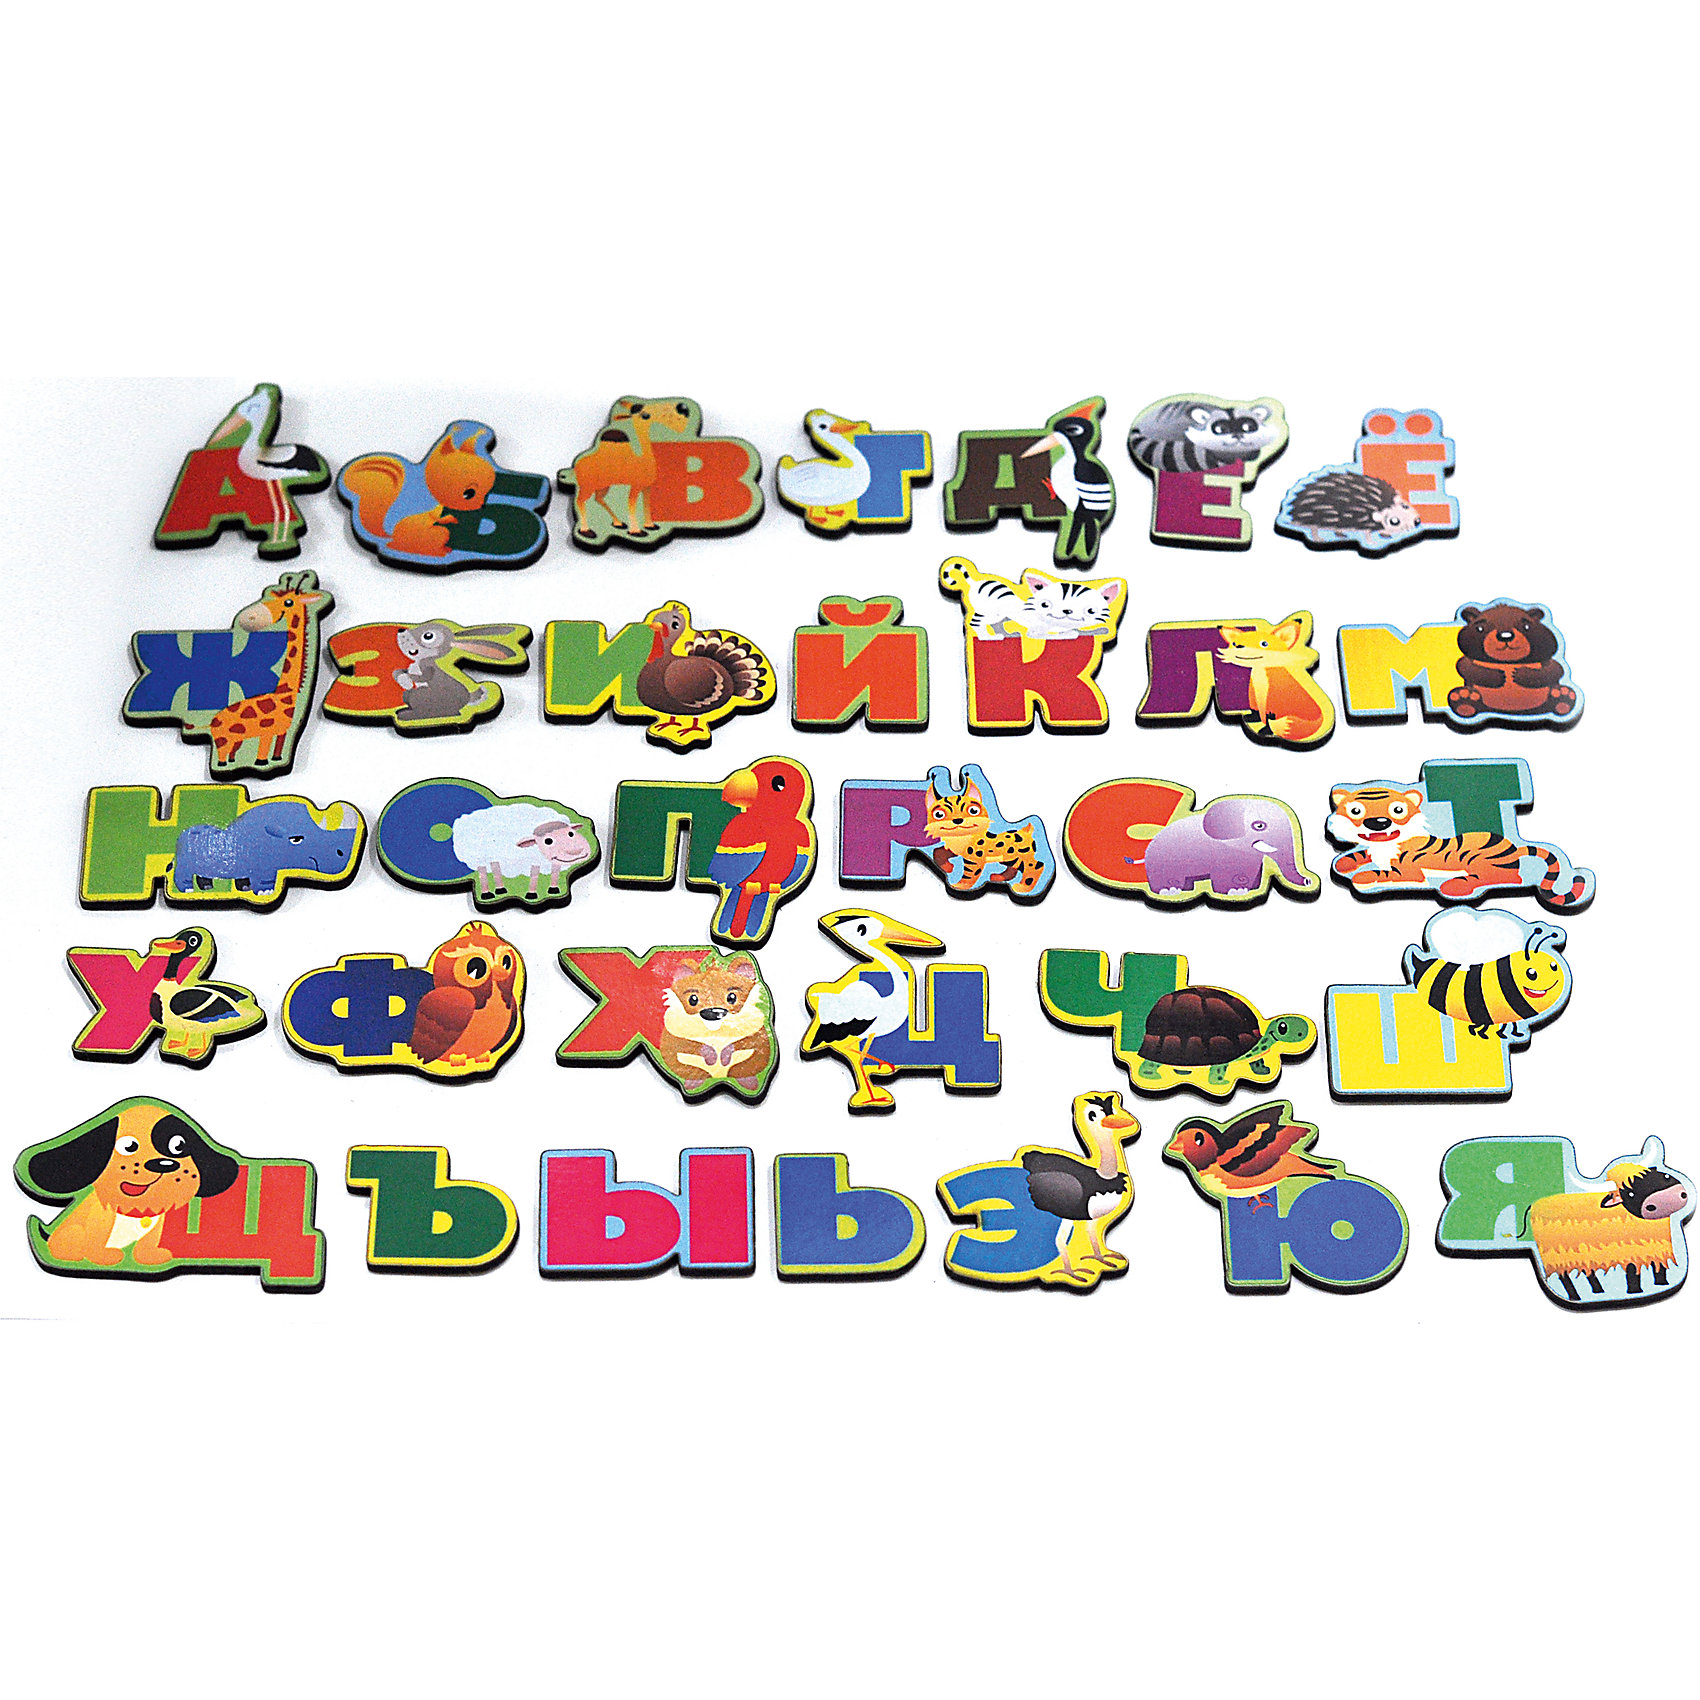 Развивающая игрушка: алфавит  русский «Животный мир», Мастер игрушекИгры для дошкольников<br>Животный мир - увлекательная игра с буквами на магнитах. С ее помощью ребенок сможет выучить алфавит и познакомится с животными, каждое из которых соответствует определенной букве. Картинки можно повесить на холодильник или магнитную доску. Игра отлично развивает память и внимание. С яркими картинками ребенок с удовольствием запомнит буквы!<br><br>Дополнительная информация:<br>Материал: магнит, дерево<br>Размер: 12х5х19 см<br>Вес: 170 грамм<br>Набор Животный мир можно приобрести в нашем интернет-магазине.<br><br>Ширина мм: 190<br>Глубина мм: 50<br>Высота мм: 120<br>Вес г: 170<br>Возраст от месяцев: 36<br>Возраст до месяцев: 120<br>Пол: Унисекс<br>Возраст: Детский<br>SKU: 4953660